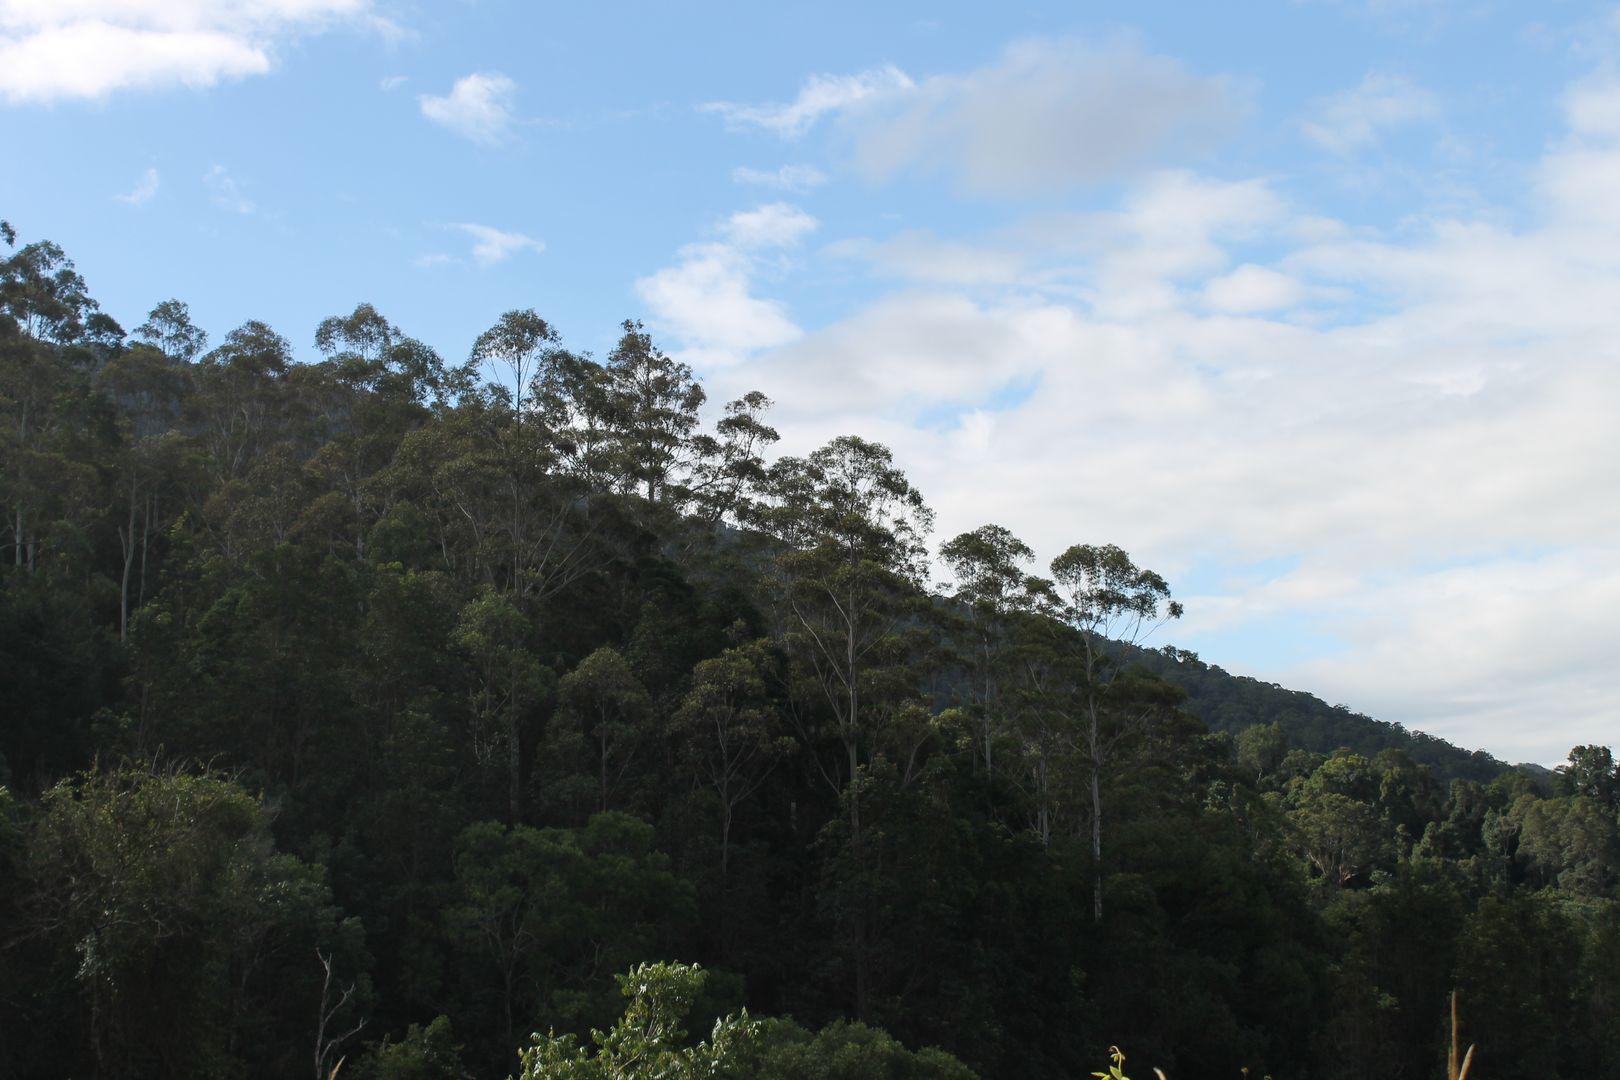 Lot 2 MOUNT WARNING ROAD, Mount Warning NSW 2484, Image 1